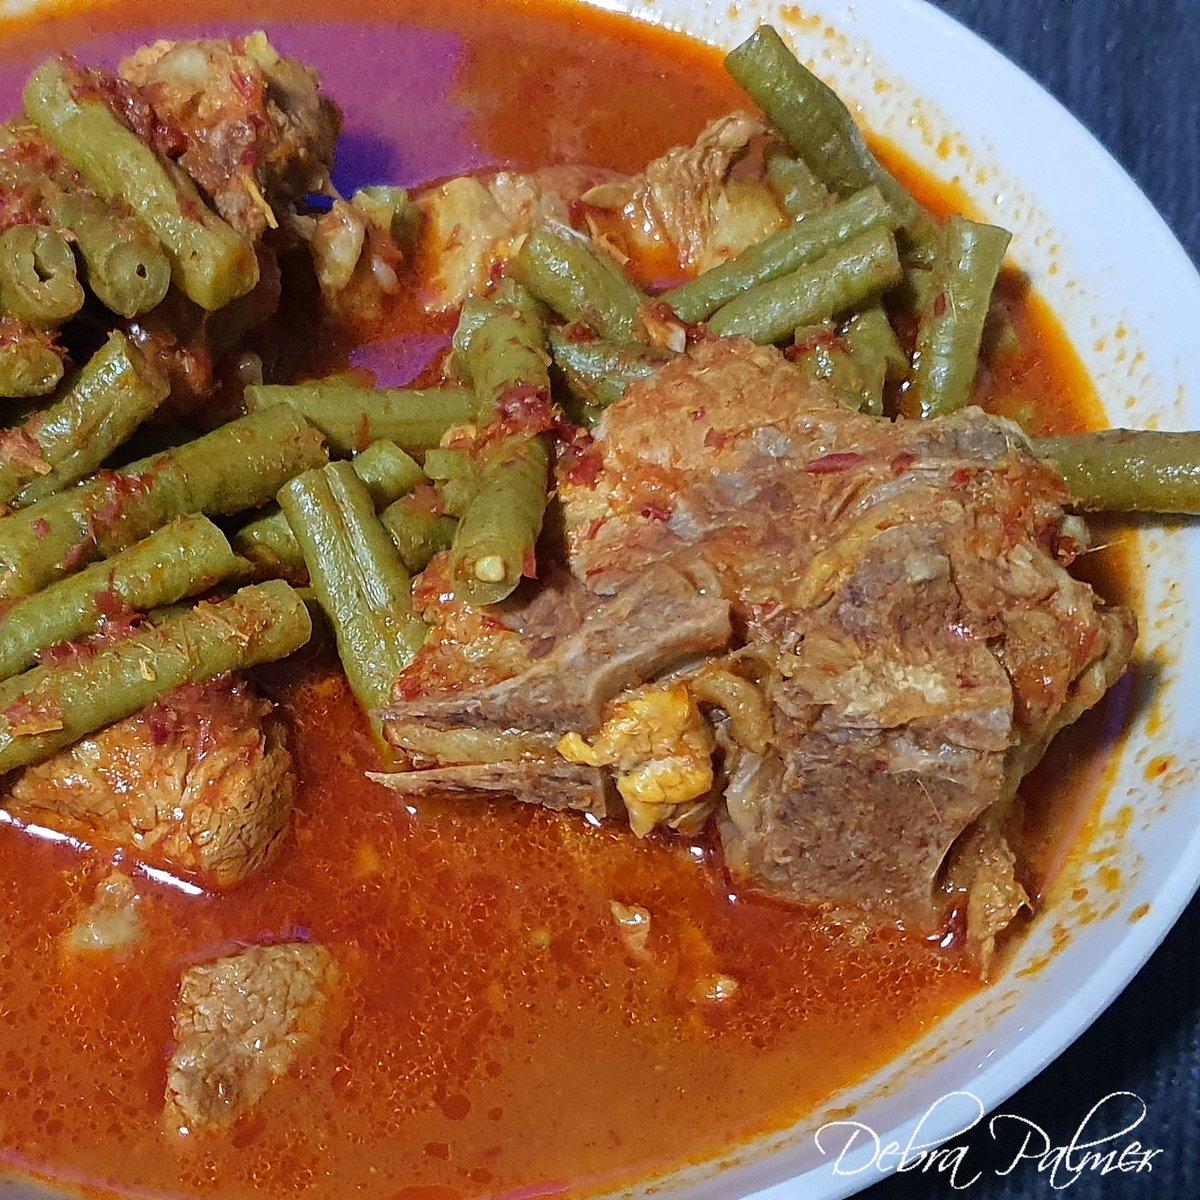 Pork bones and long beans curry #food #foodporn #foodphotography #foodie #foods #foodstagram #foodgasm